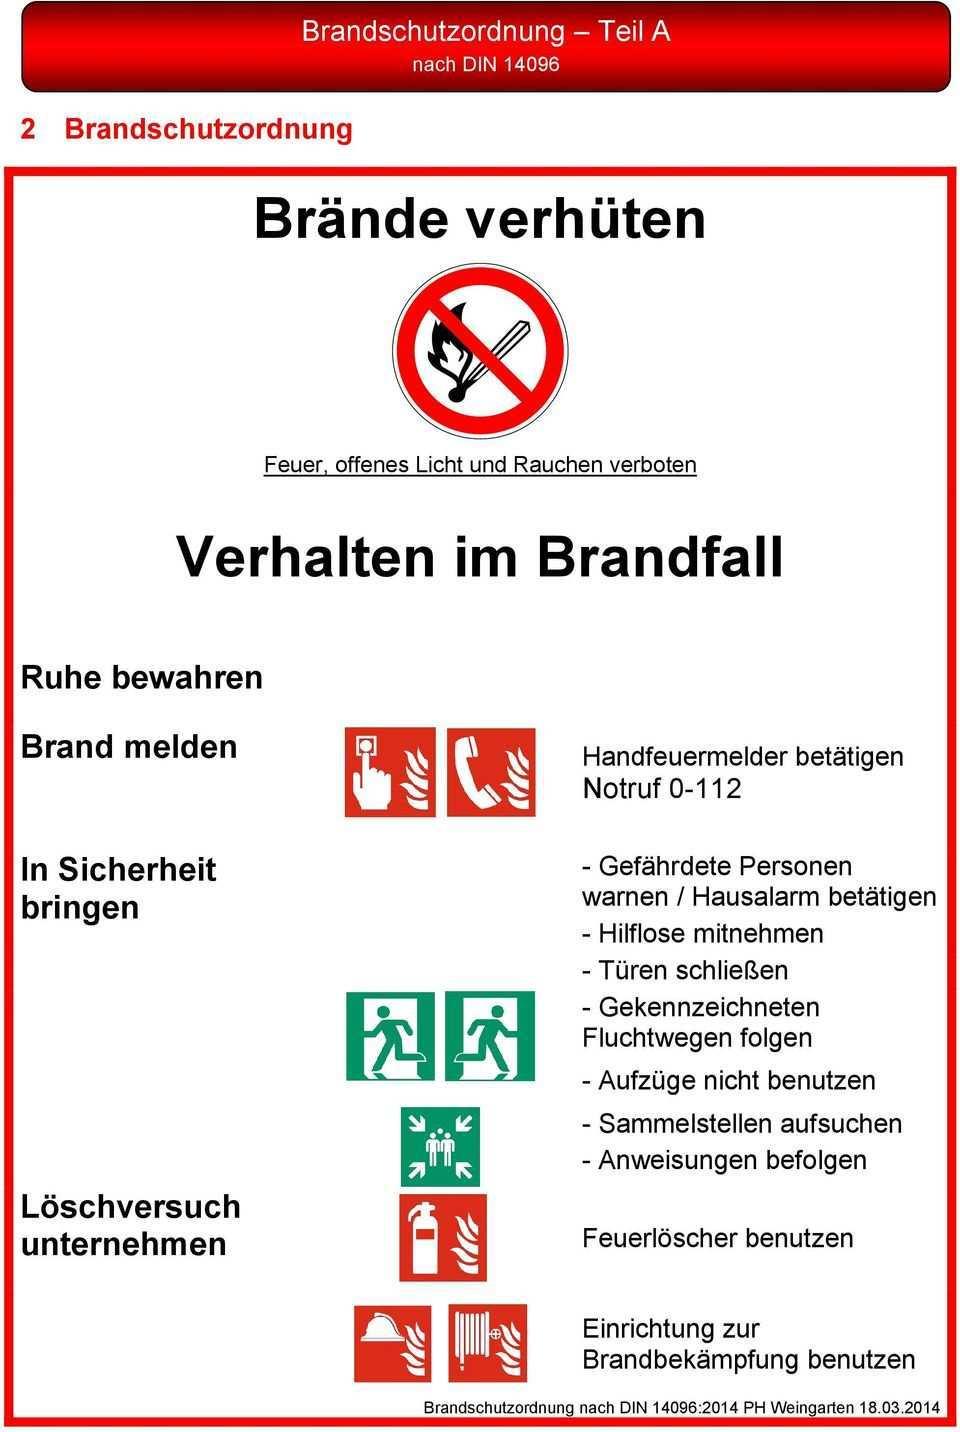 Brandschutzordnung Nach Din Pdf Kostenfreier Download